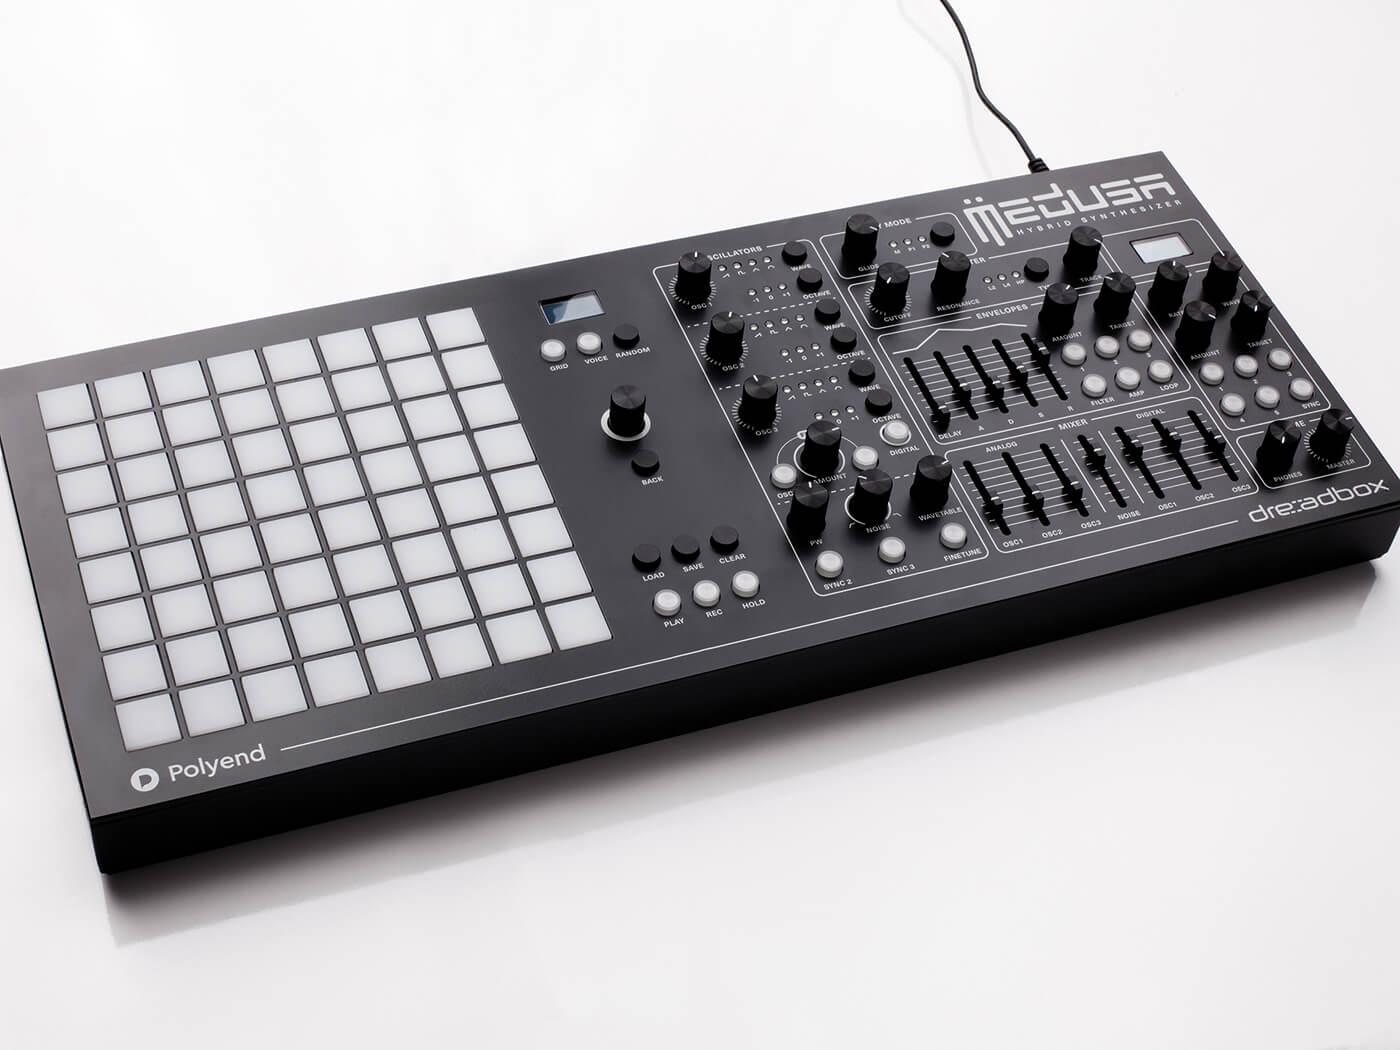 Review: Polyend/Dreadbox Medusa - MusicTech